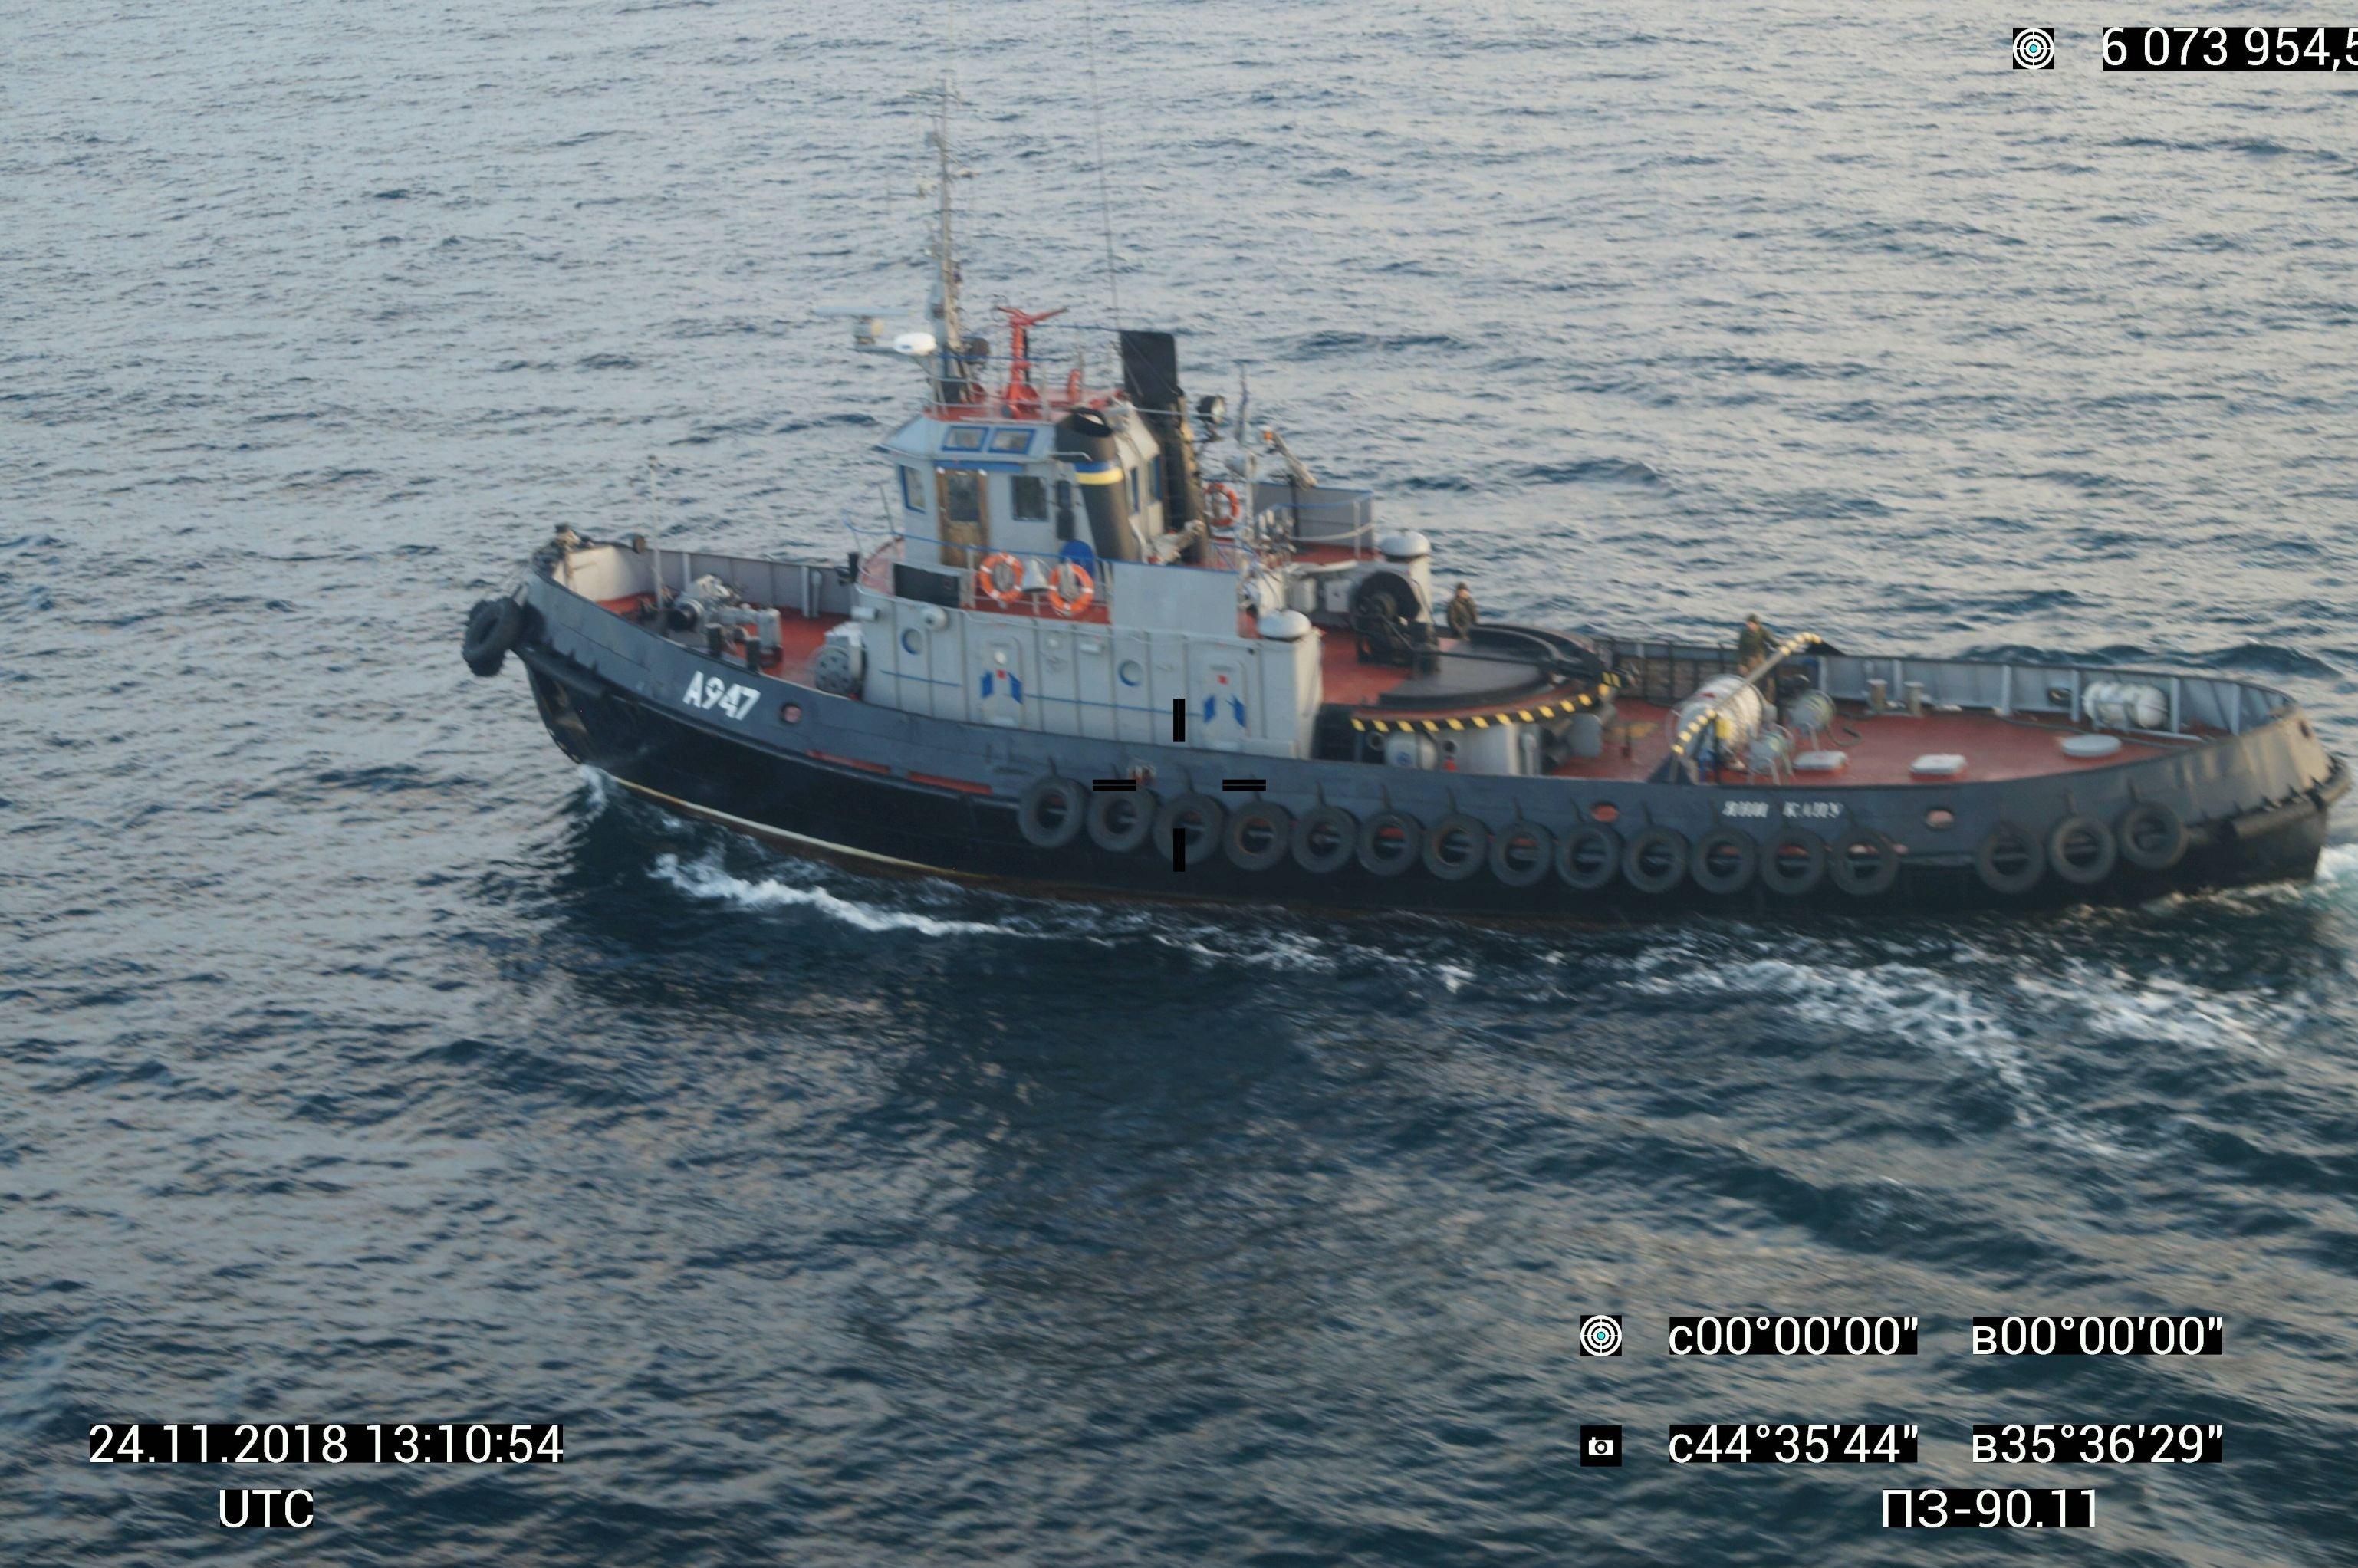 Un navire ukrainien qui a violé l'espace maritime russe près de la Crimée